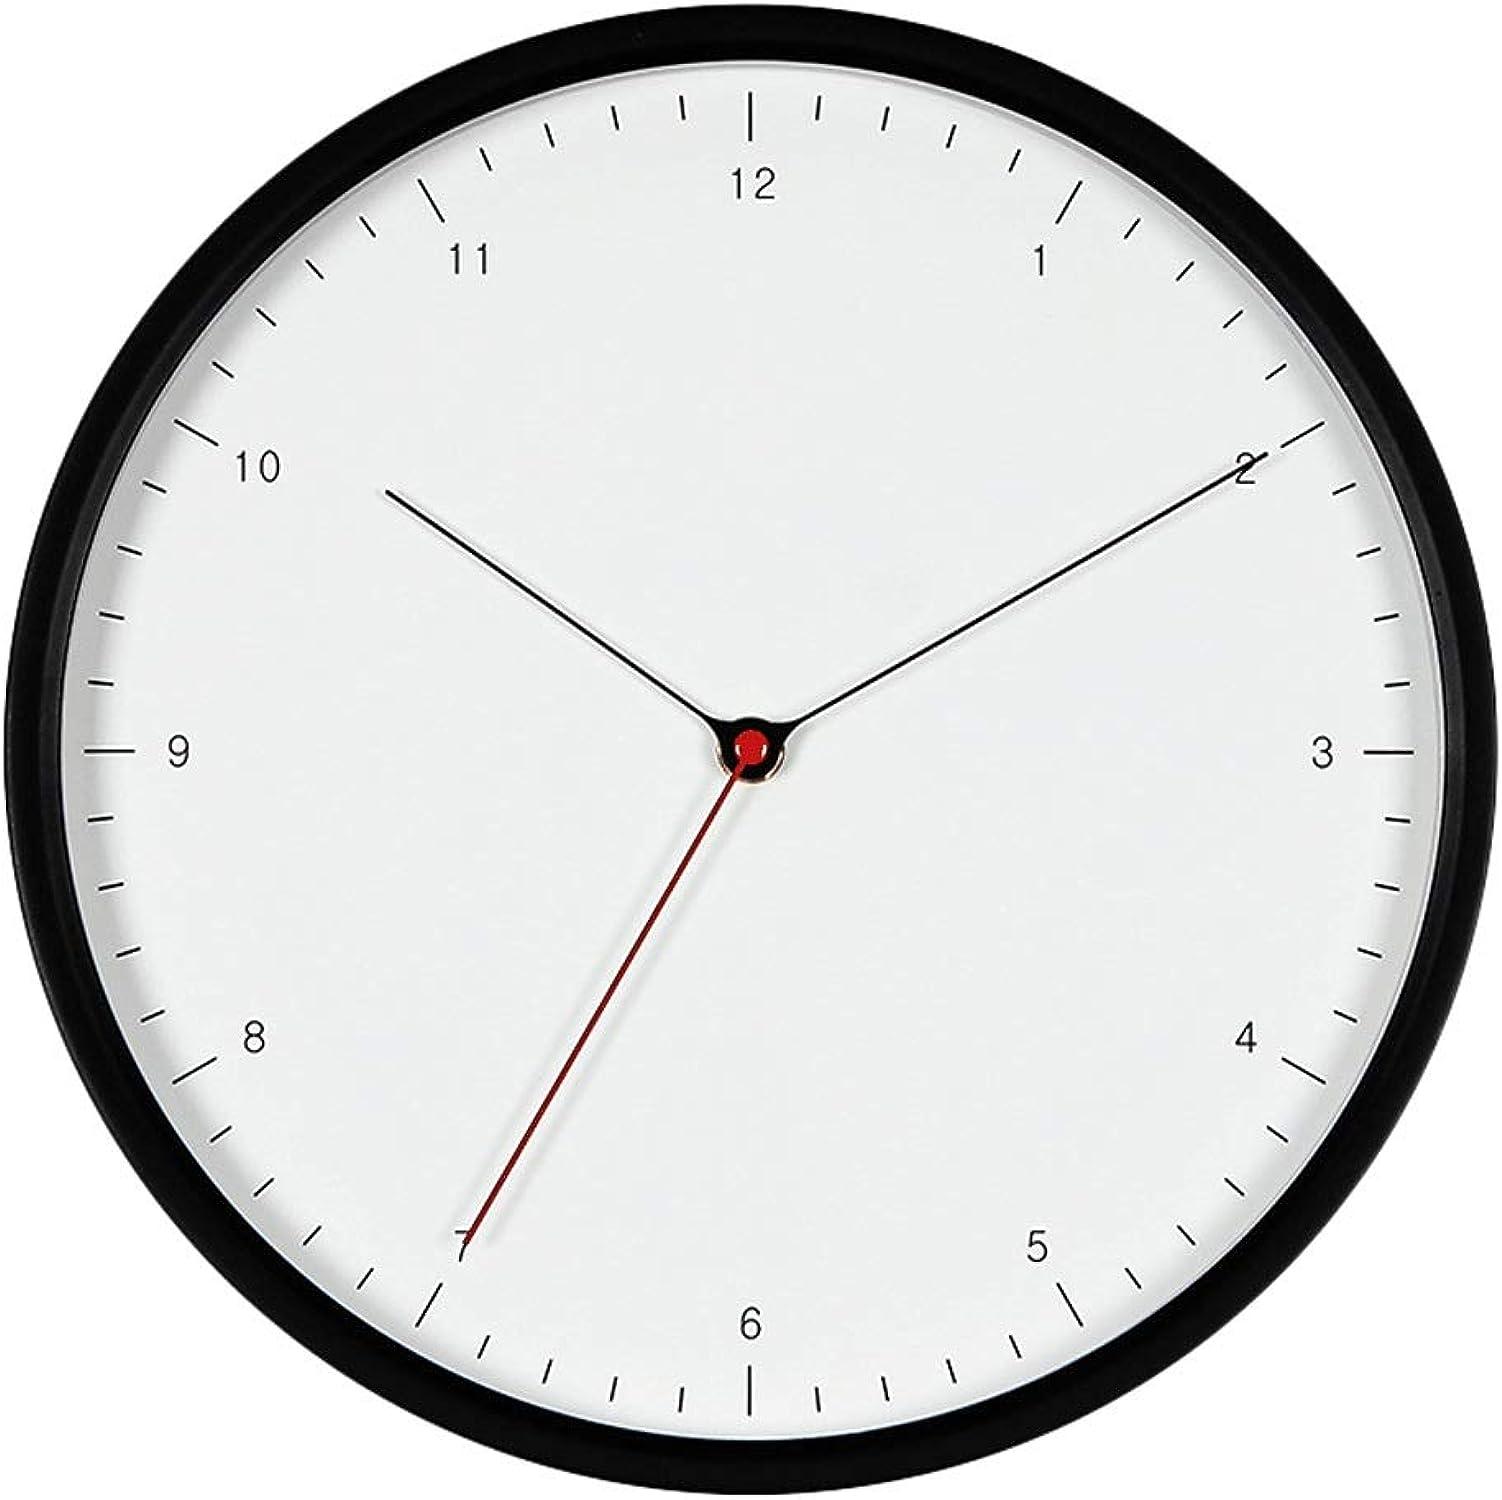 gran descuento HIGJ 12 Pulgadas Reloj de de de Parojo Relojes silenciosos Medición de la Temperatura del Metal Reloj de Bolsillo Junto a la Cama Dormitorio Sala de Estar Reloj Decorativo  los clientes primero